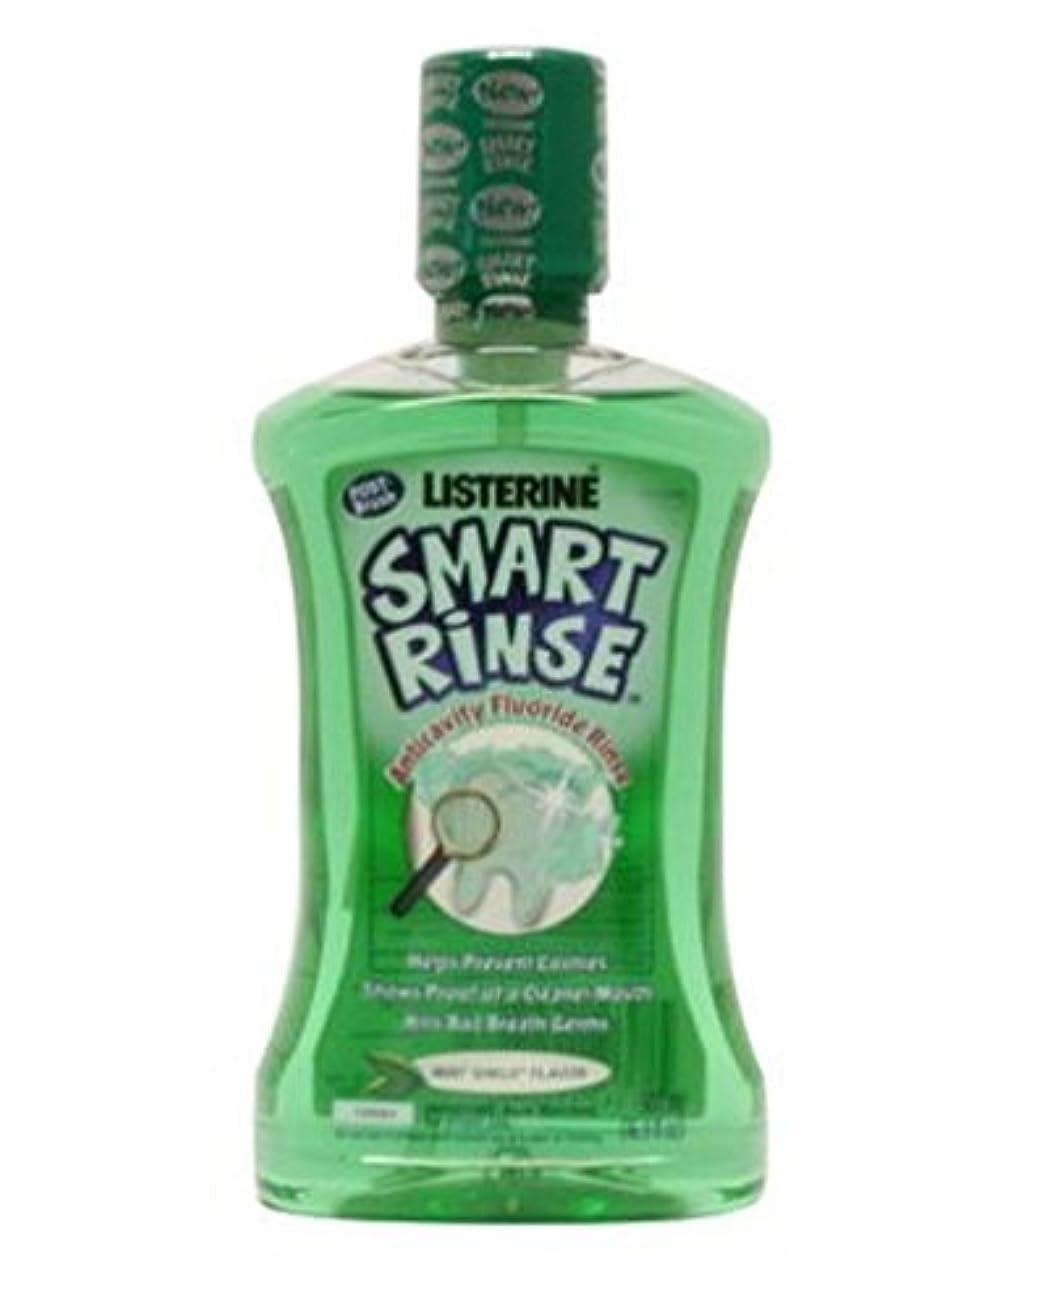 周術期フライカイト市民権Listerine Smart Rinse Mint Mouthwash For Children 500ml - 子供のためのリステリンスマートリンスミント洗口液500ミリリットル (Listerine) [並行輸入品]